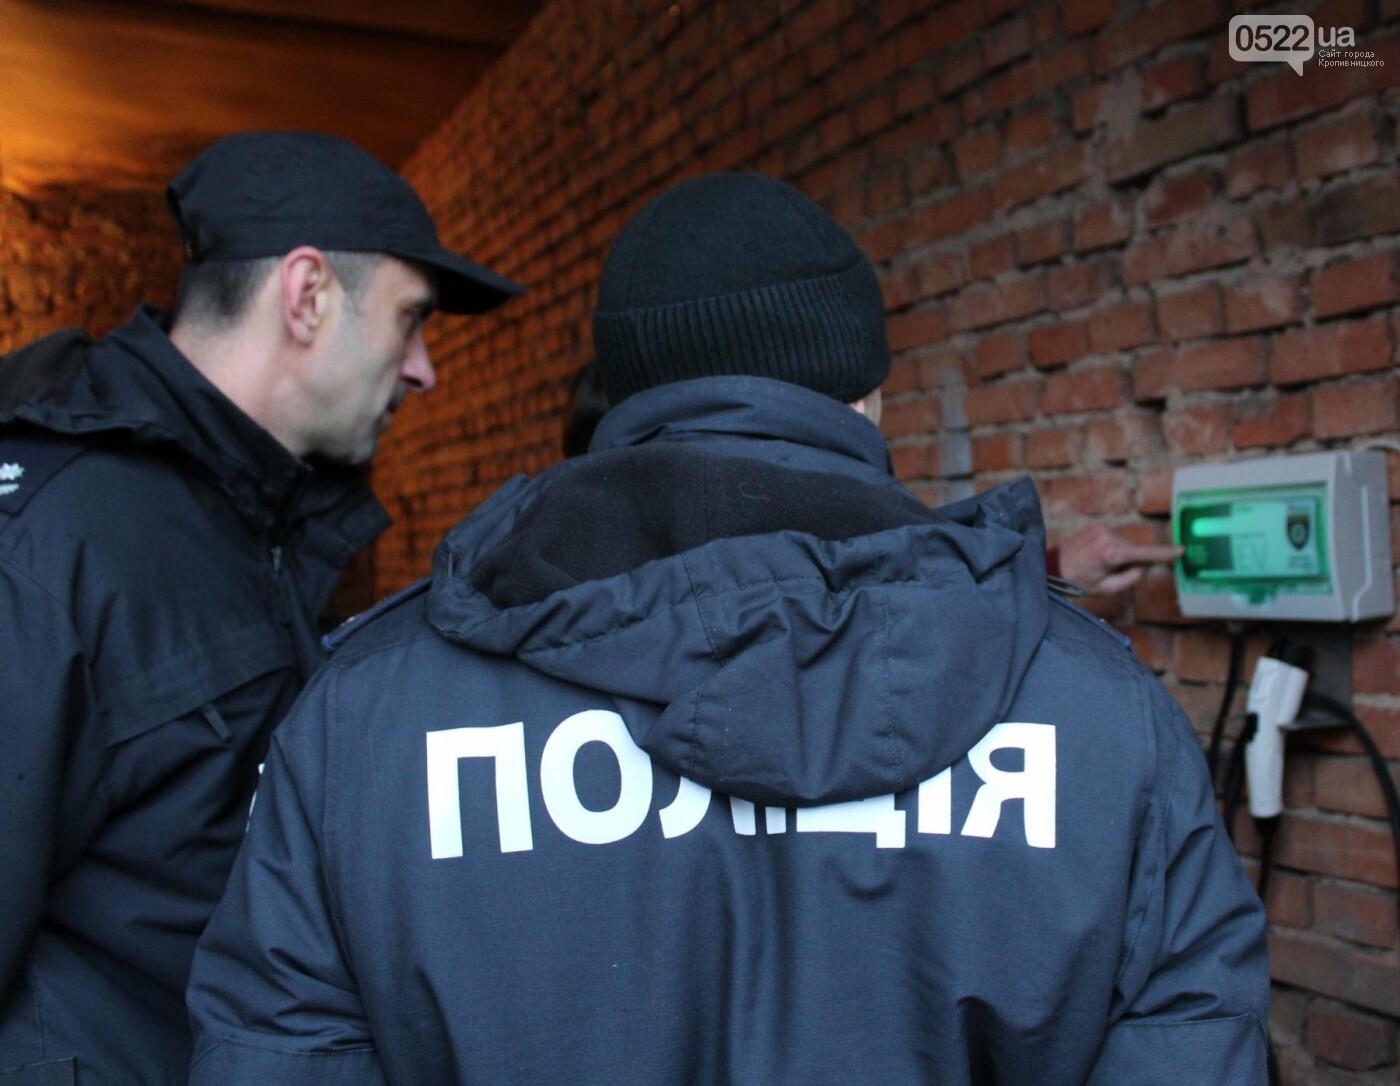 Поліцейські Кіровоградщини одні з перших в Україні провели тендер та закупили пристрої для пришвидшеної зарядки автомобілів (ФОТО, ВИДЕО), фото-2